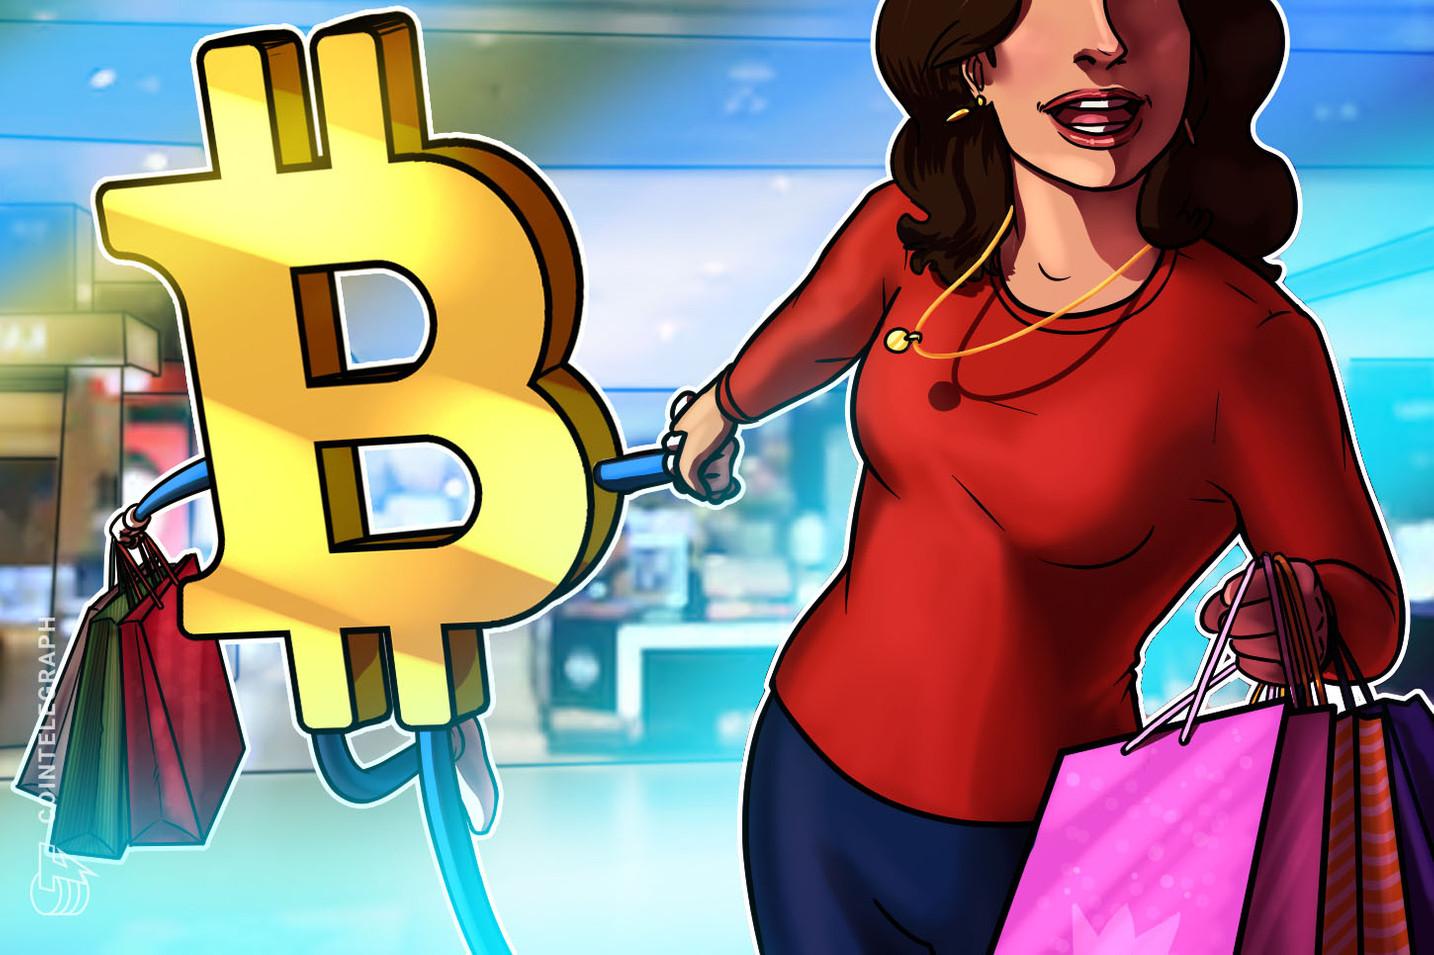 中国アリババでビットコイン還元が可能に 仮想通貨報酬アプリ「ロリー」と提携【ニュース】